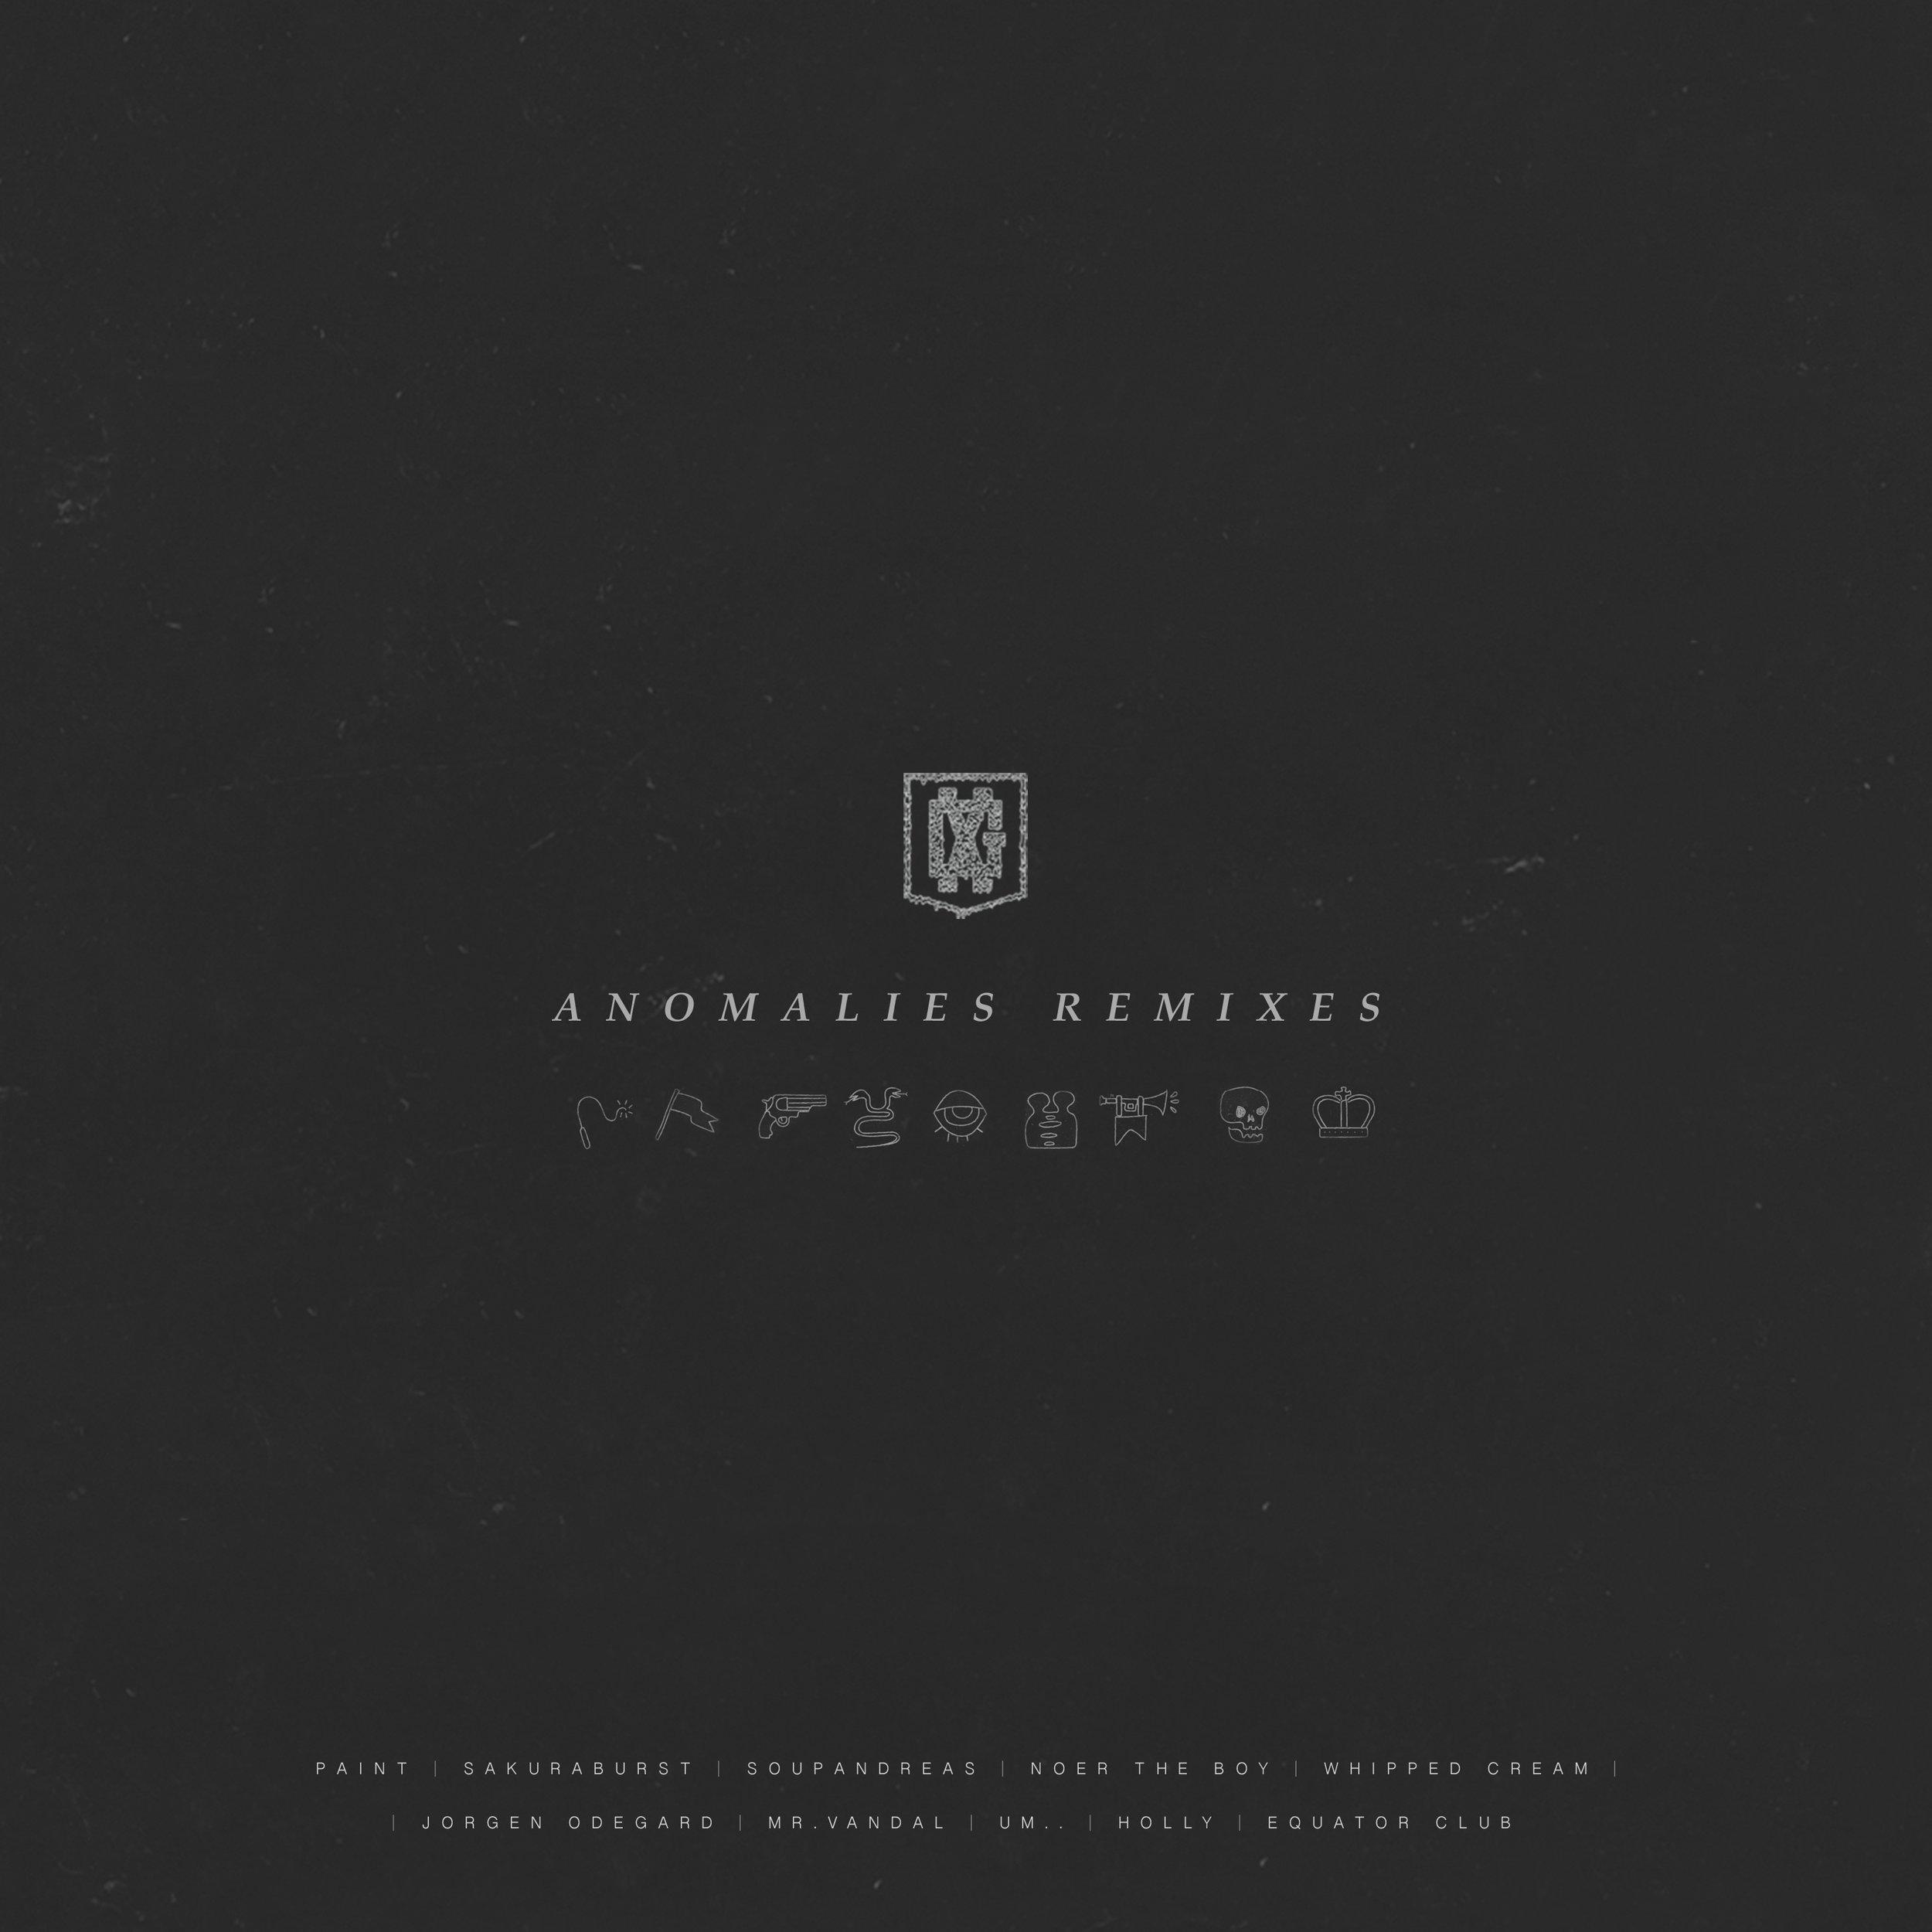 ANOMALIES_RemixesCoverArt.jpg